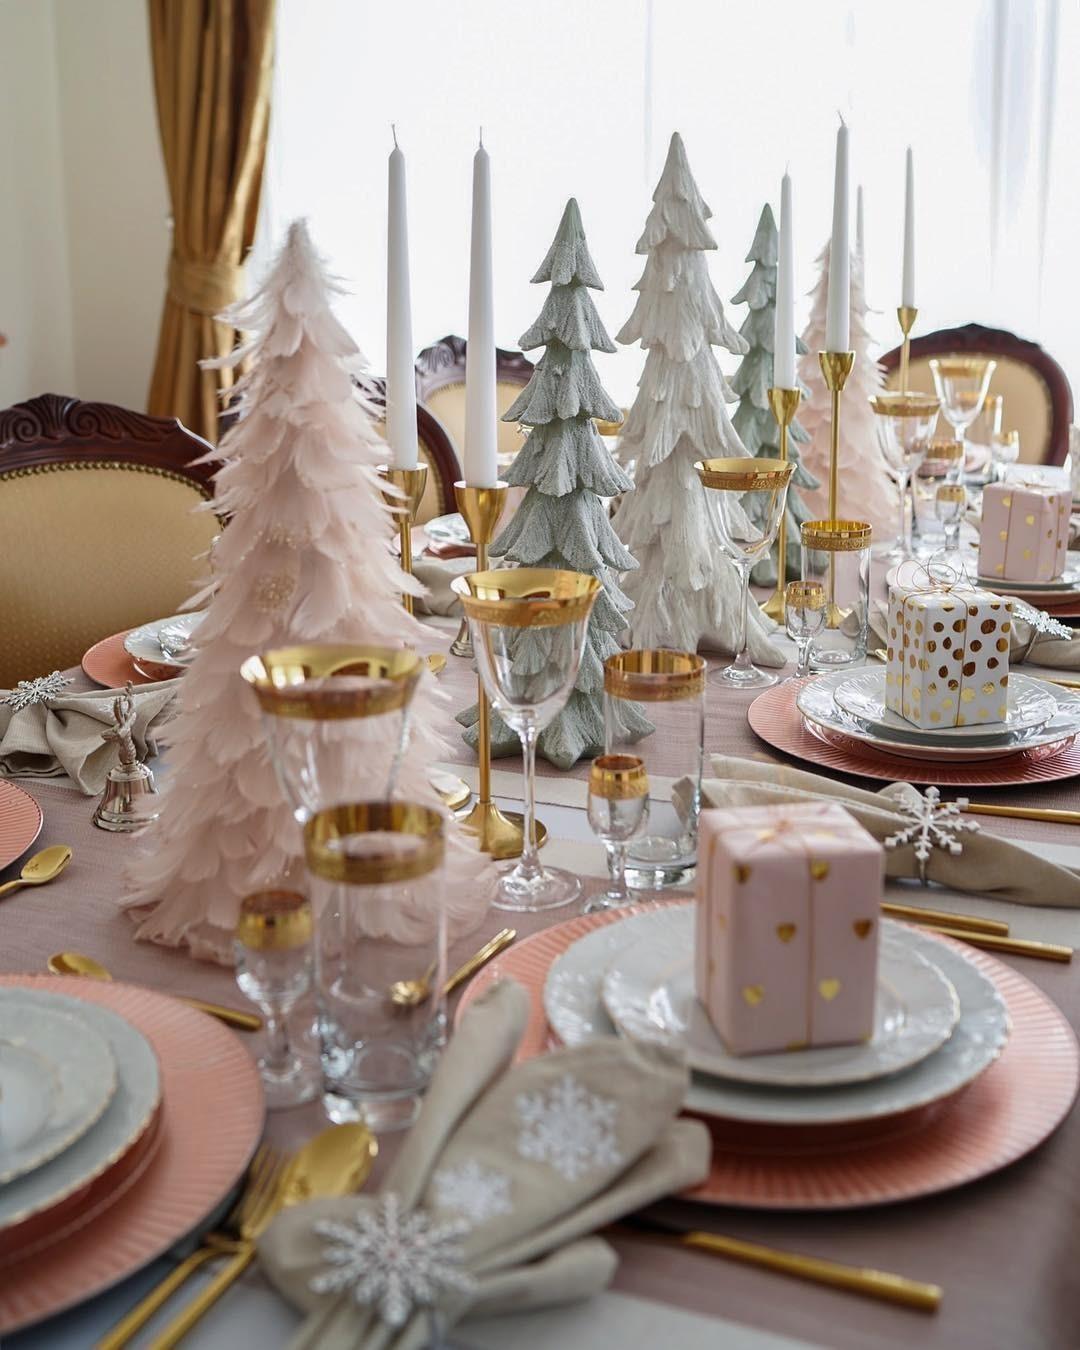 Необычные для традиционной новогодней атмосферы цвета, но уже знакомые нам по скандинавскому стилю: светло-розовый и салатовый. Идеальное решение для новогоднего завтрака.